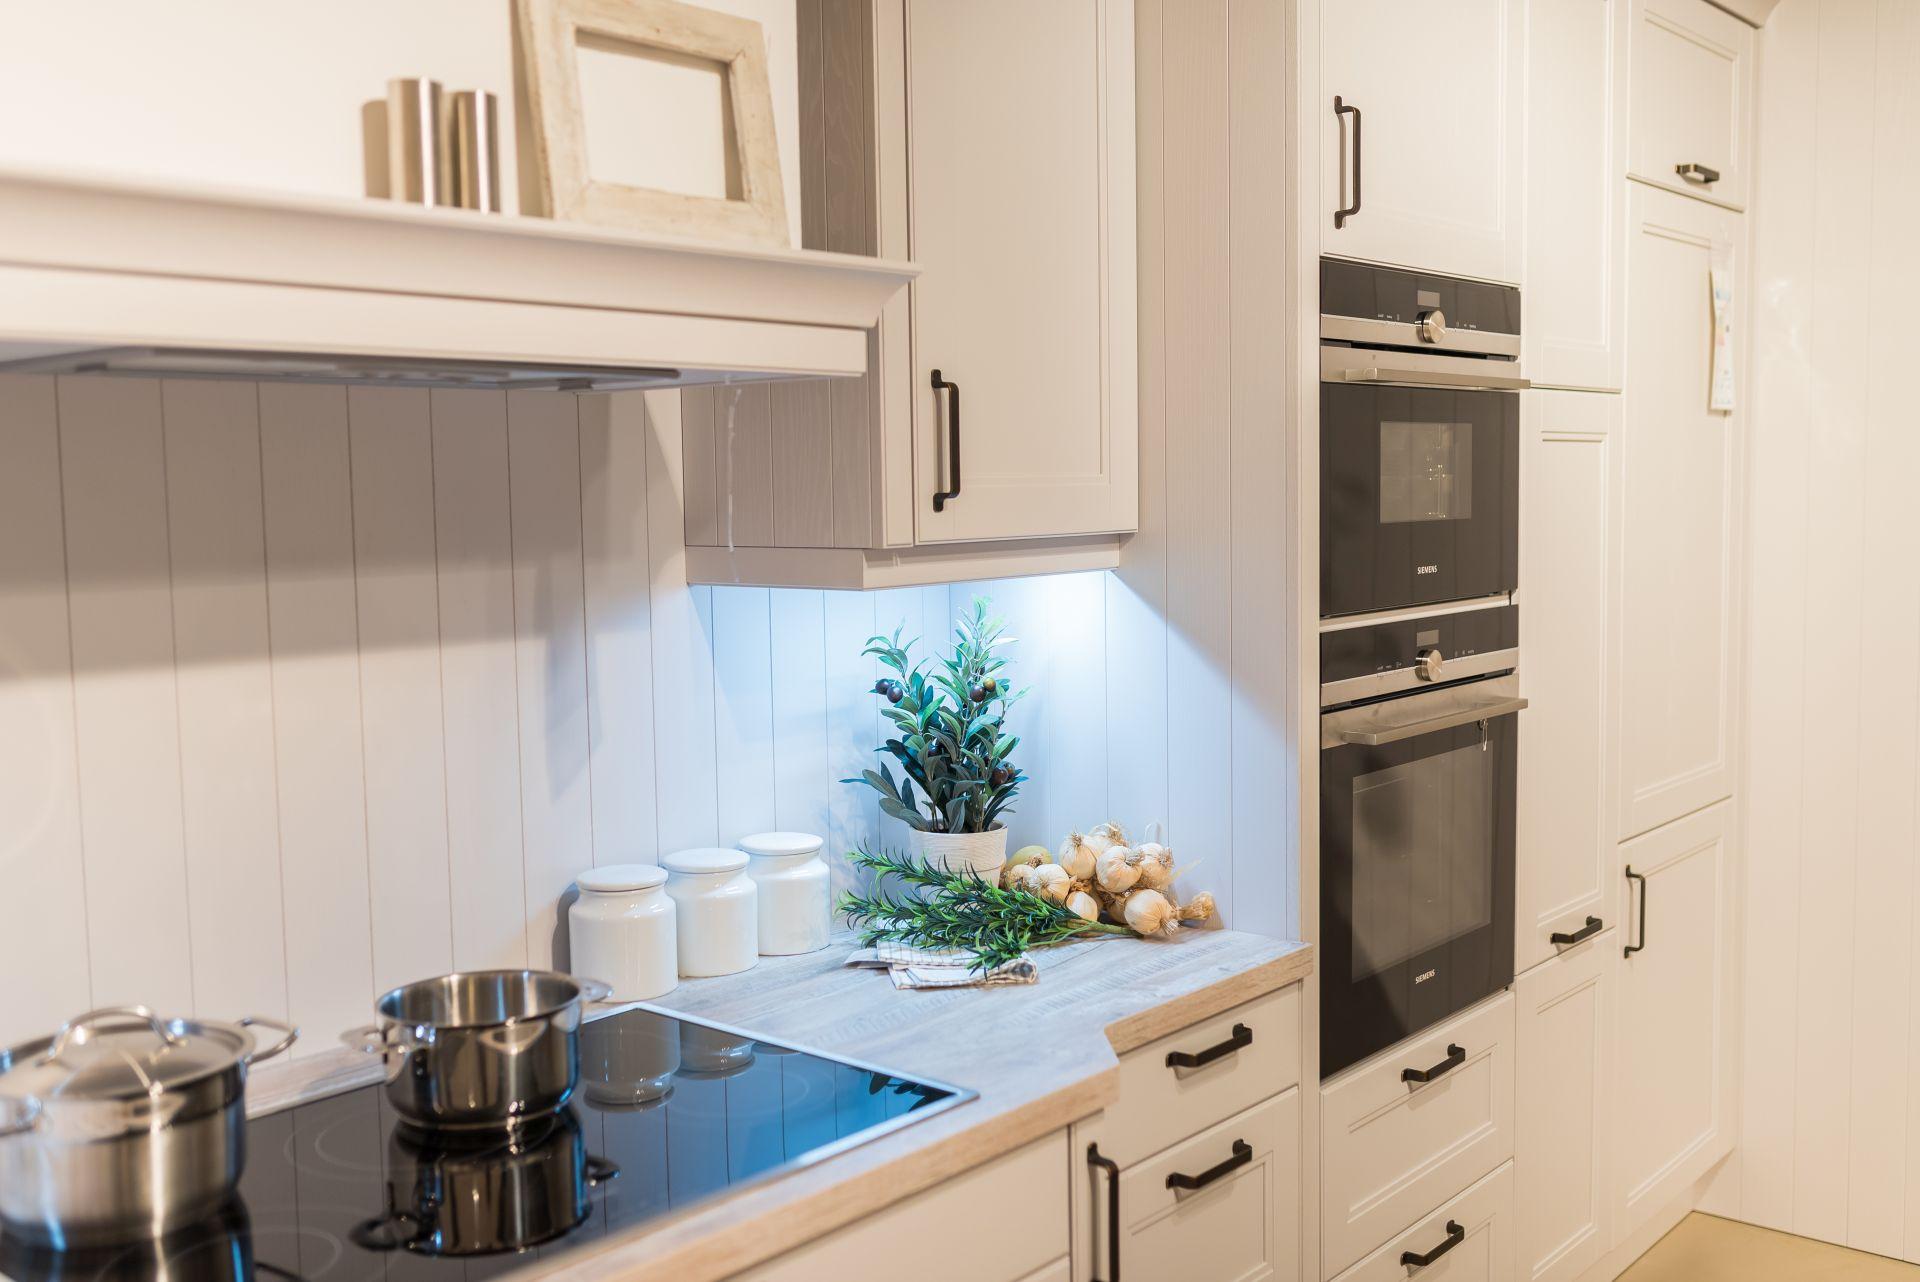 Atemberaubend Küchenwand Zubehör Uk Ideen - Ideen Für Die Küche ...